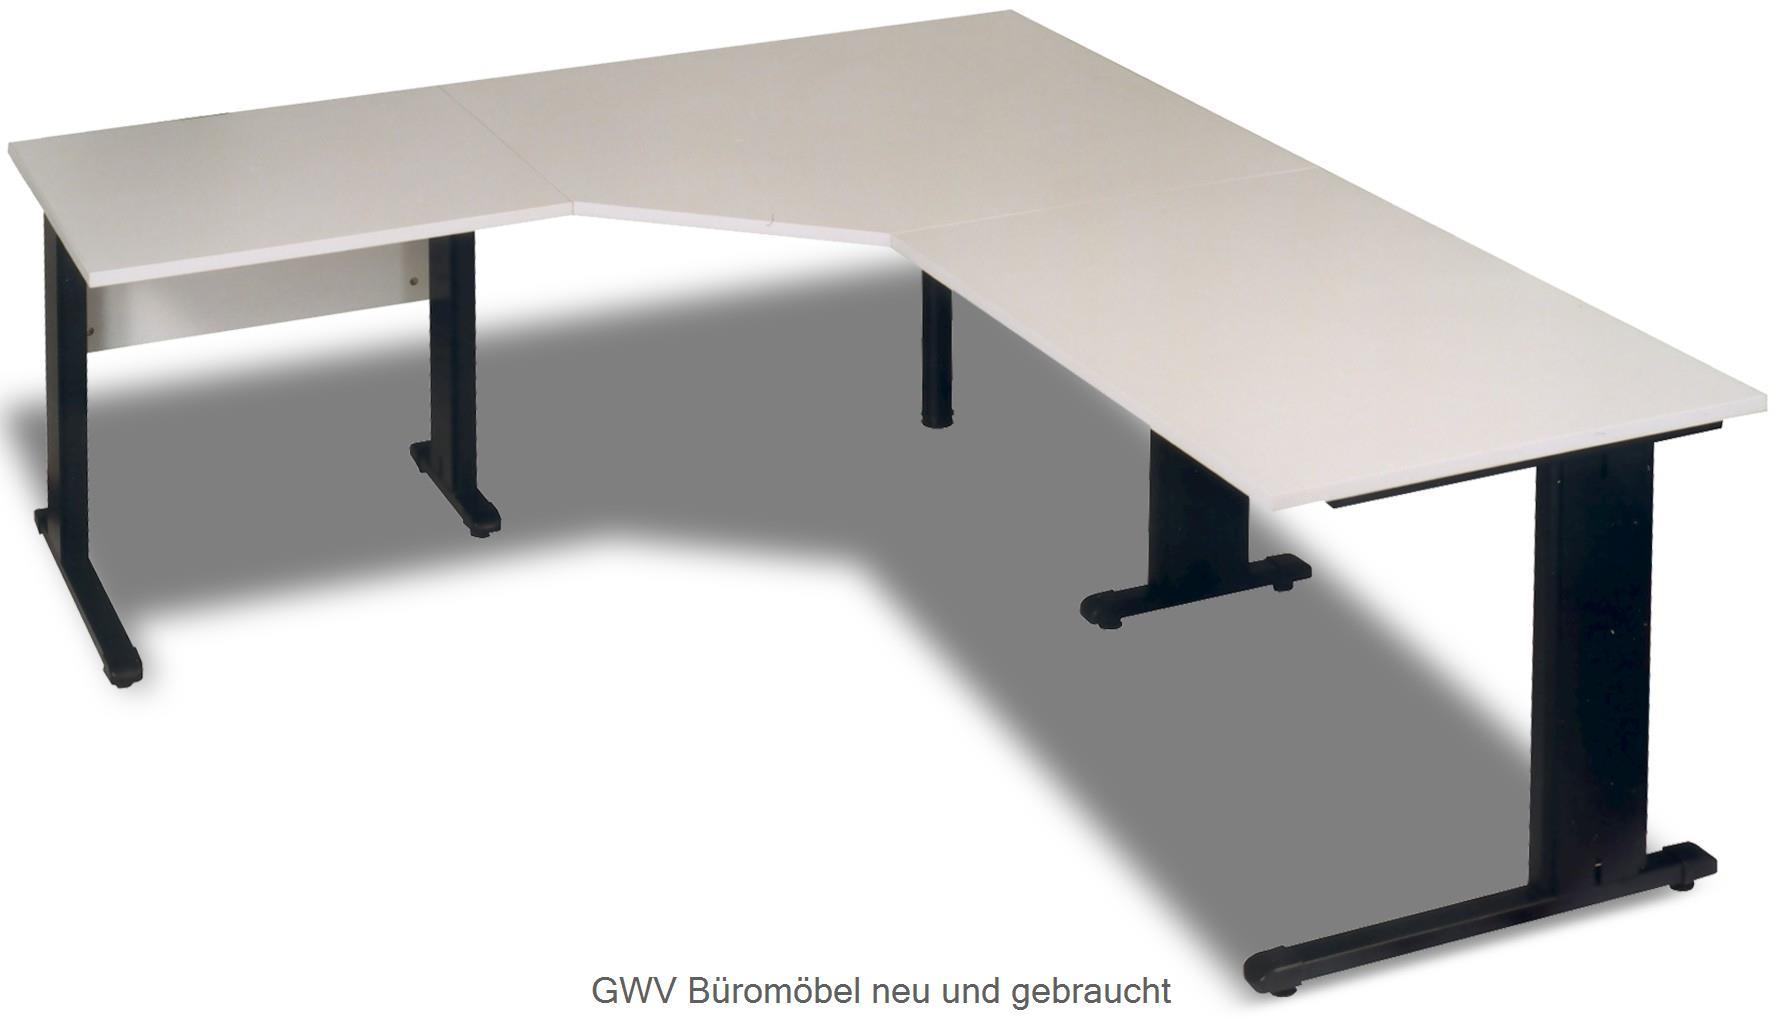 winkelschreibtisch neuware vom gwv hausprogramm lichtgrau. Black Bedroom Furniture Sets. Home Design Ideas